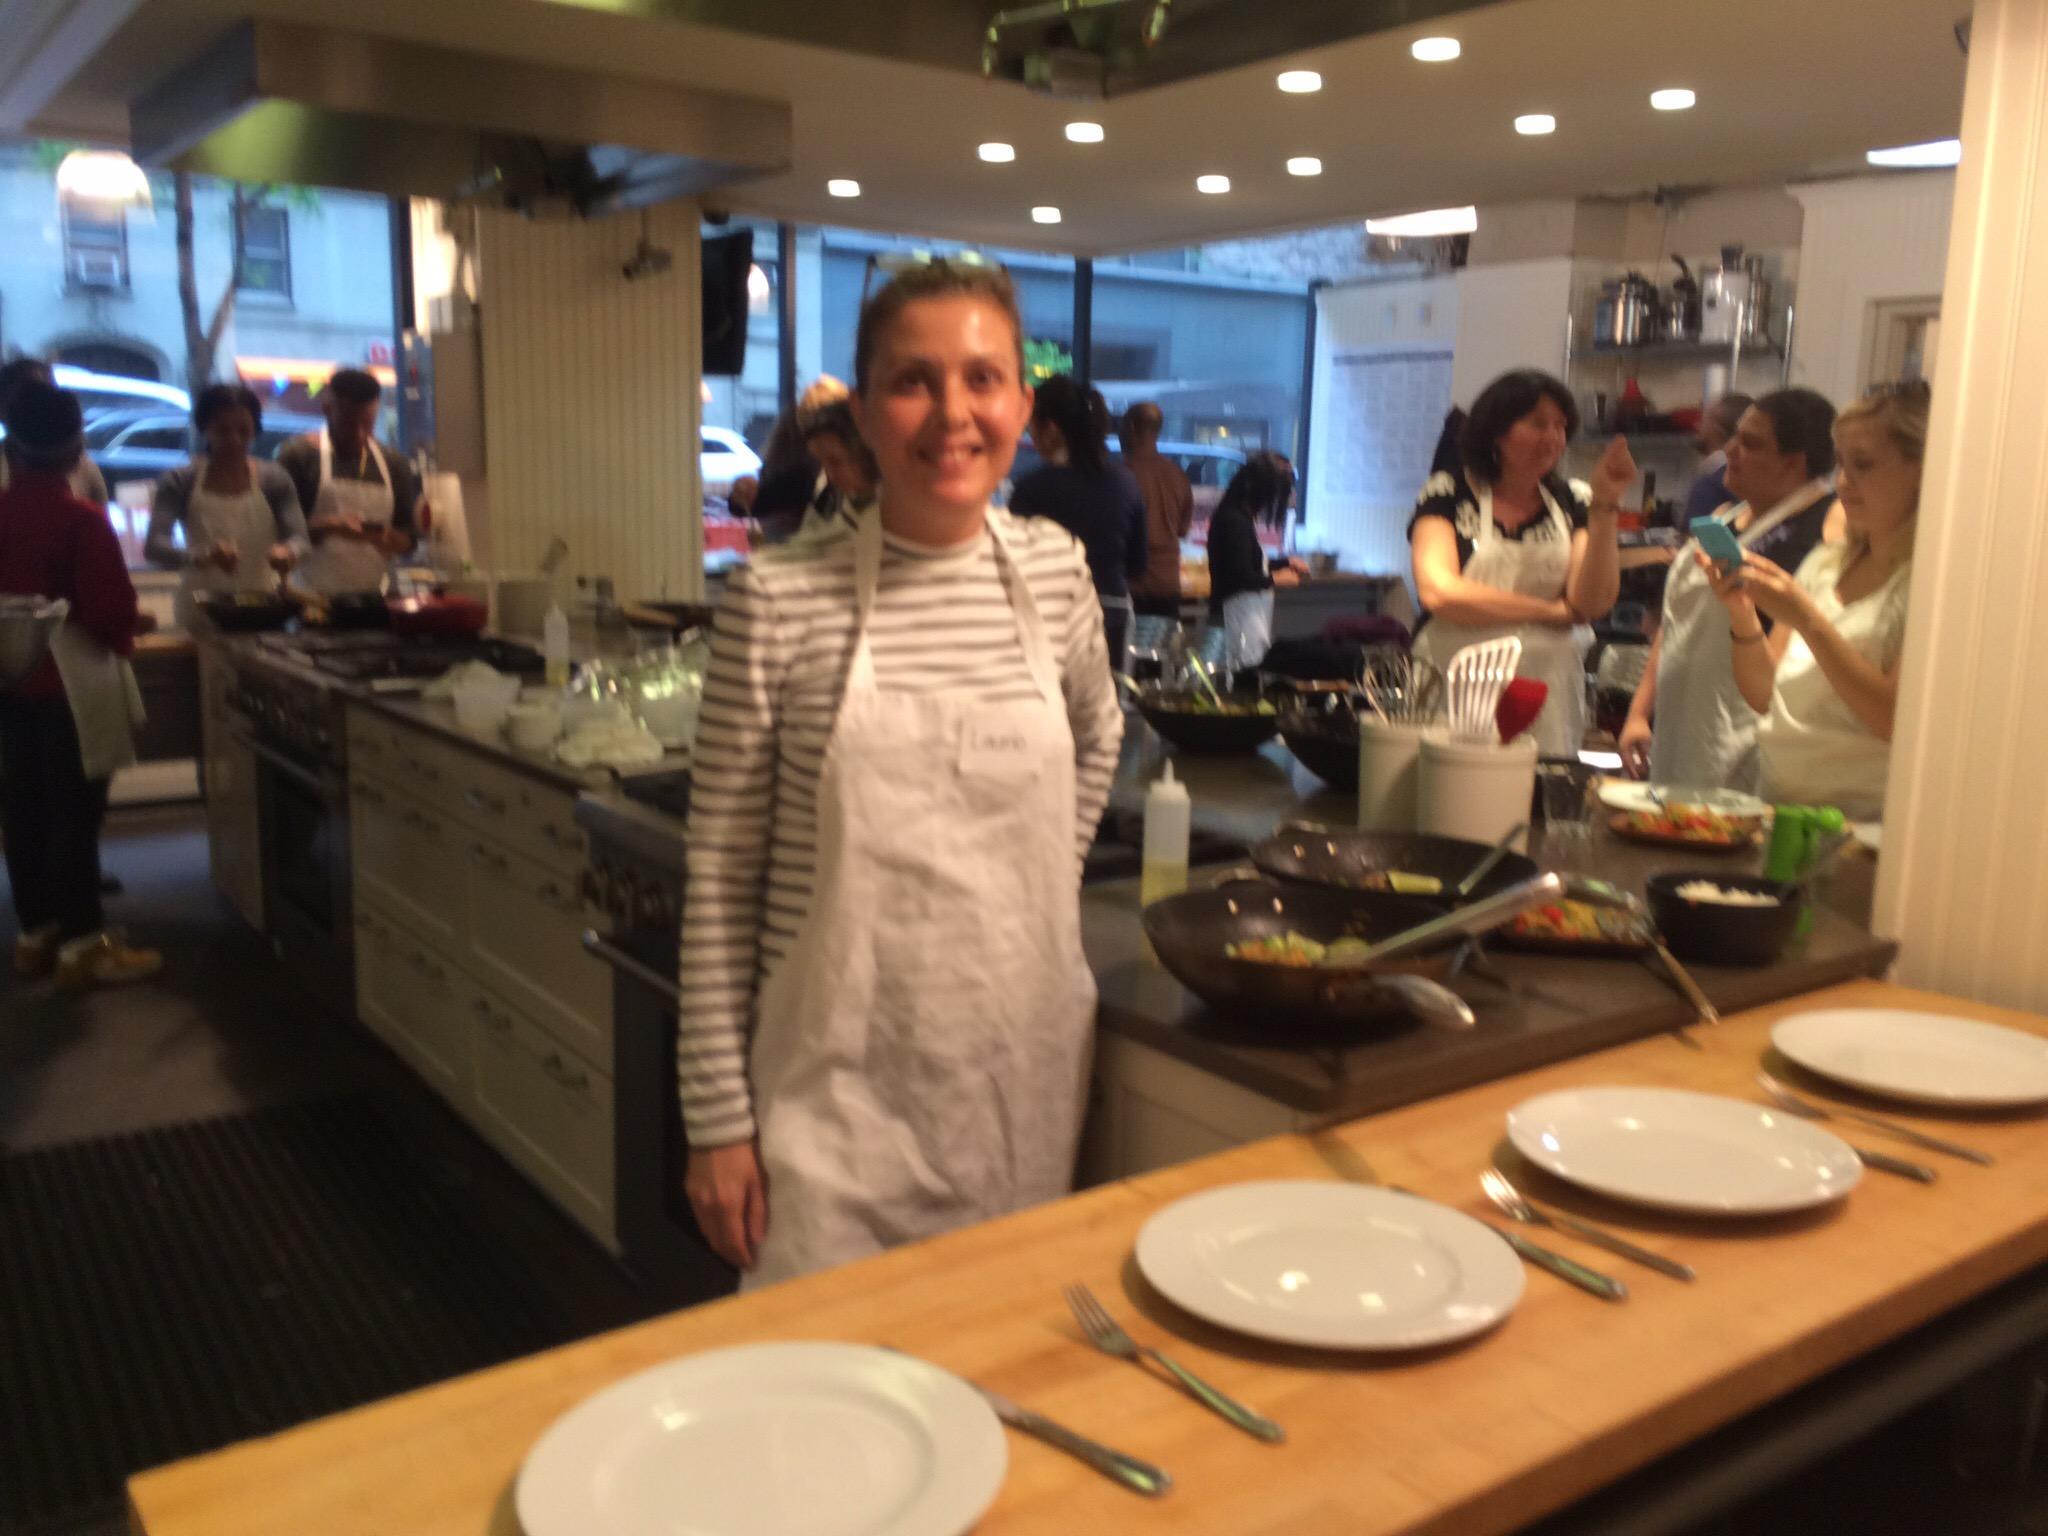 Cooking lesson at Sur la Table